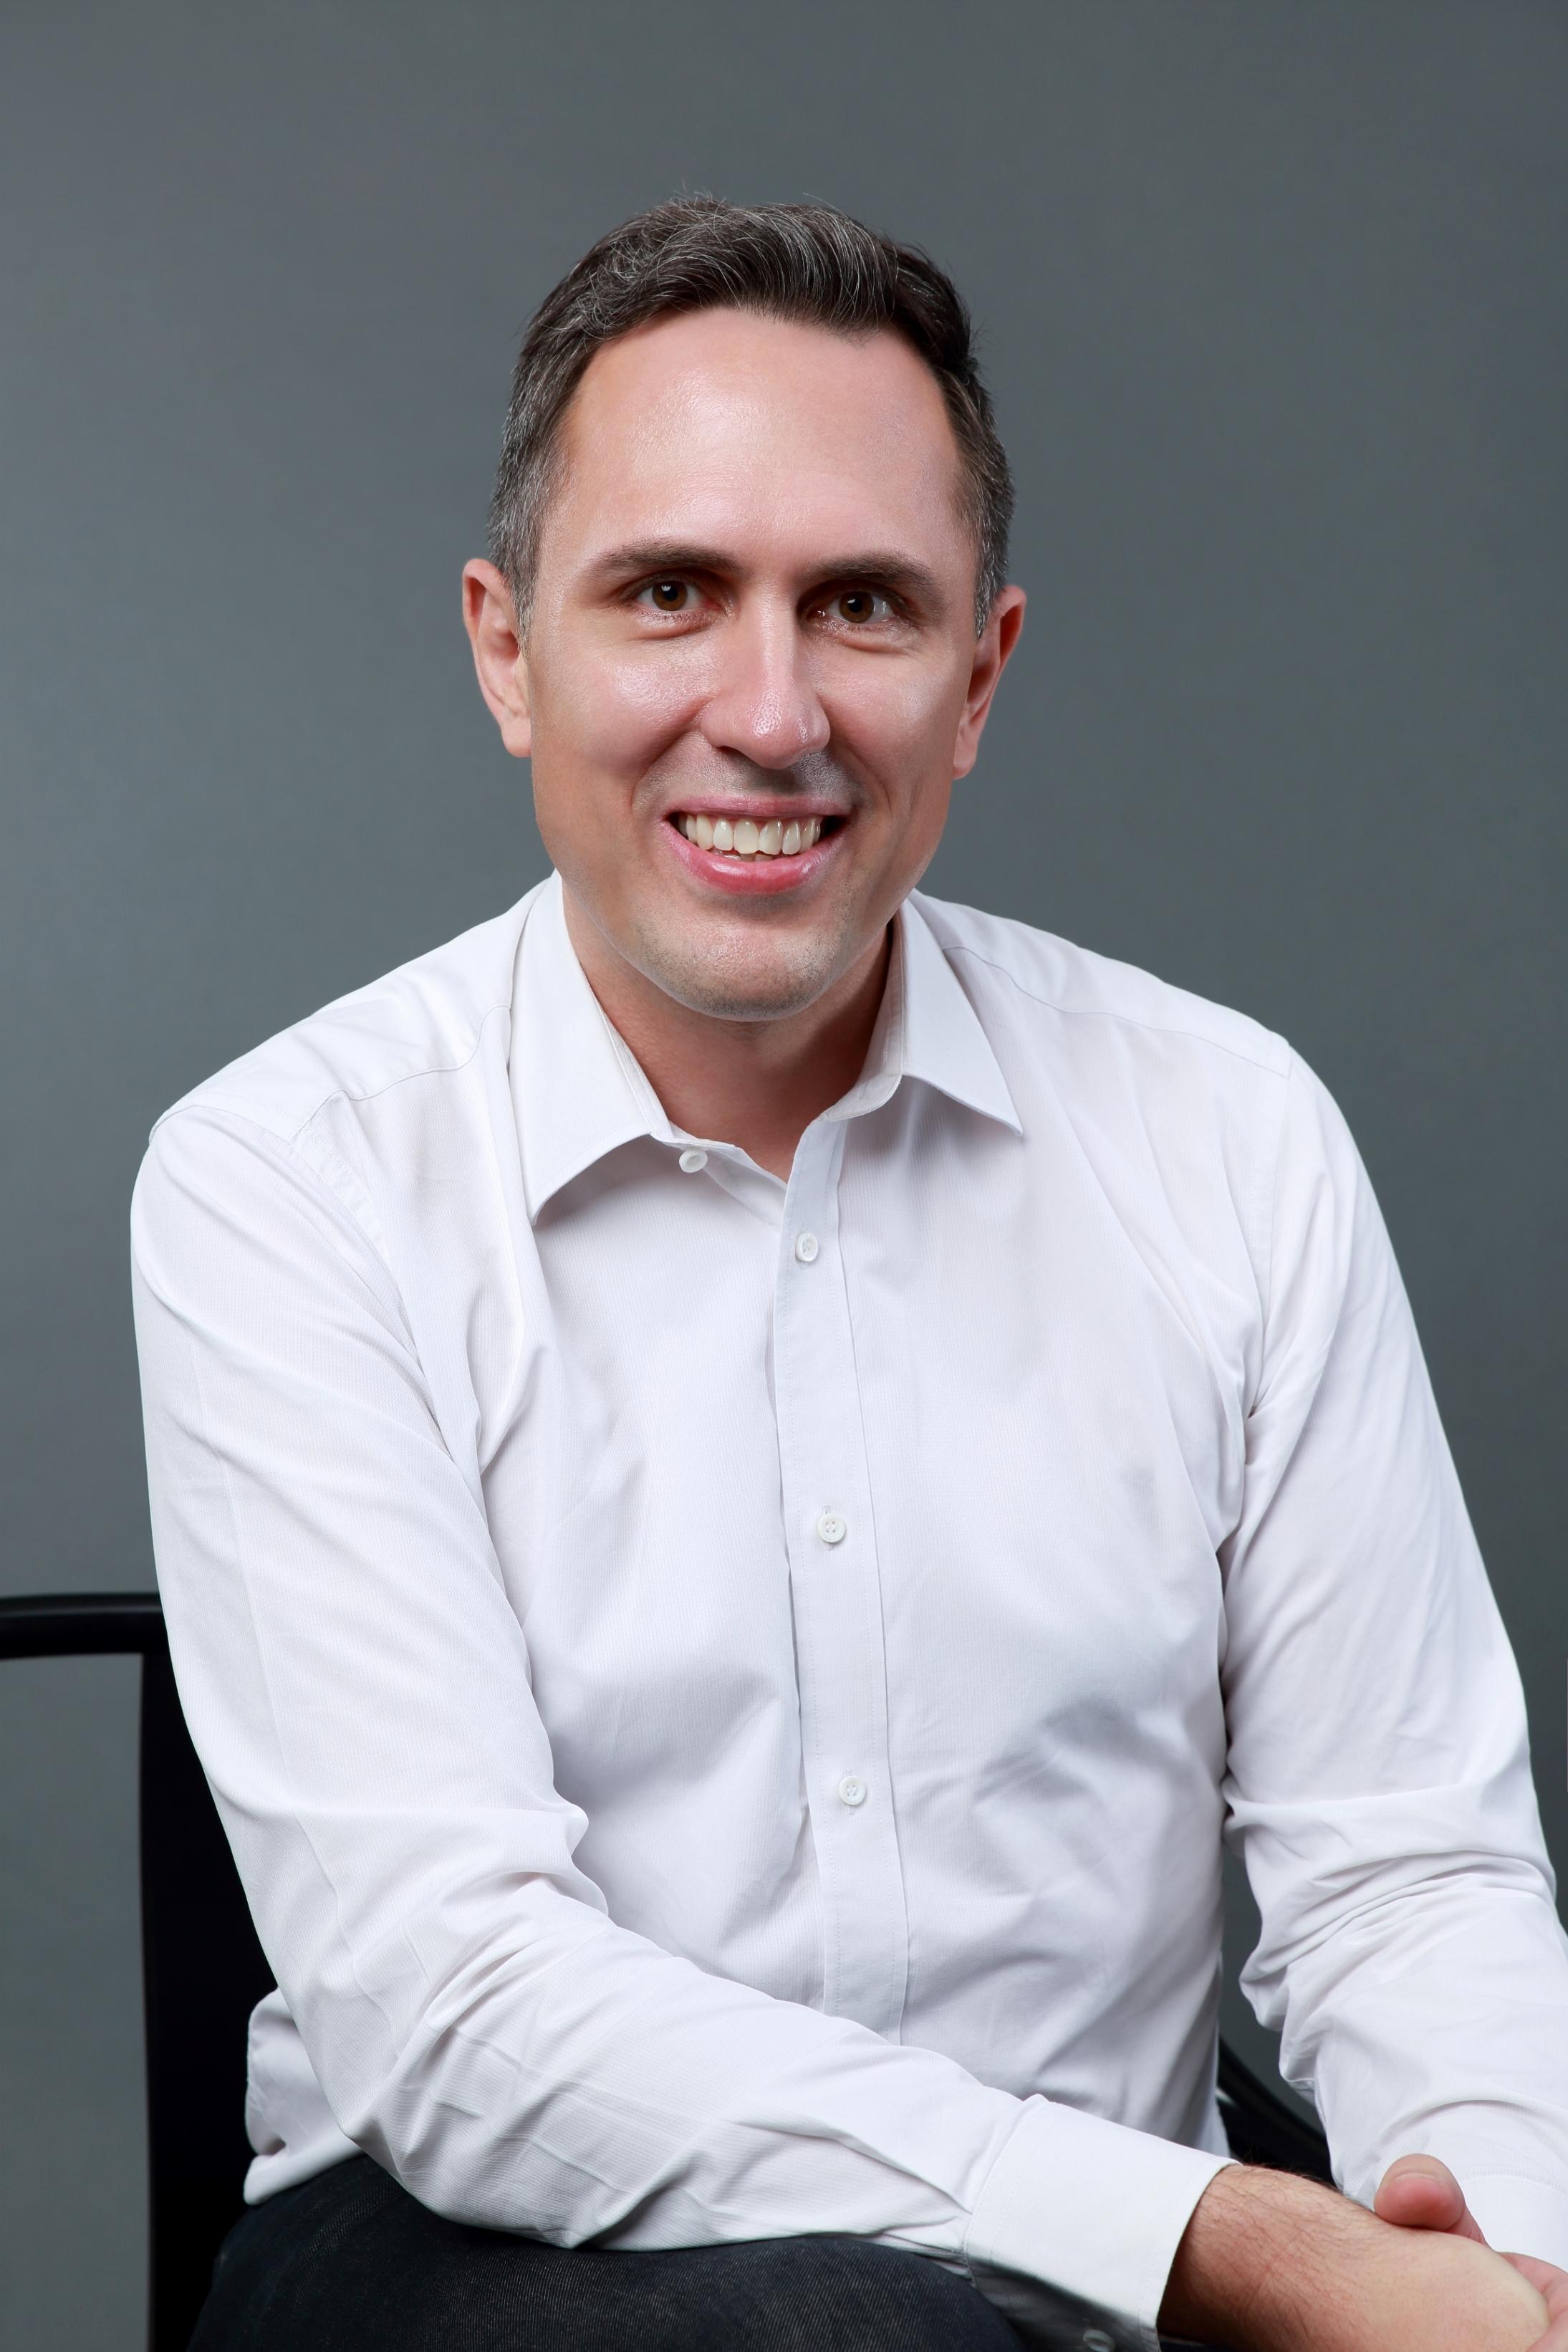 Daniel Kirchert